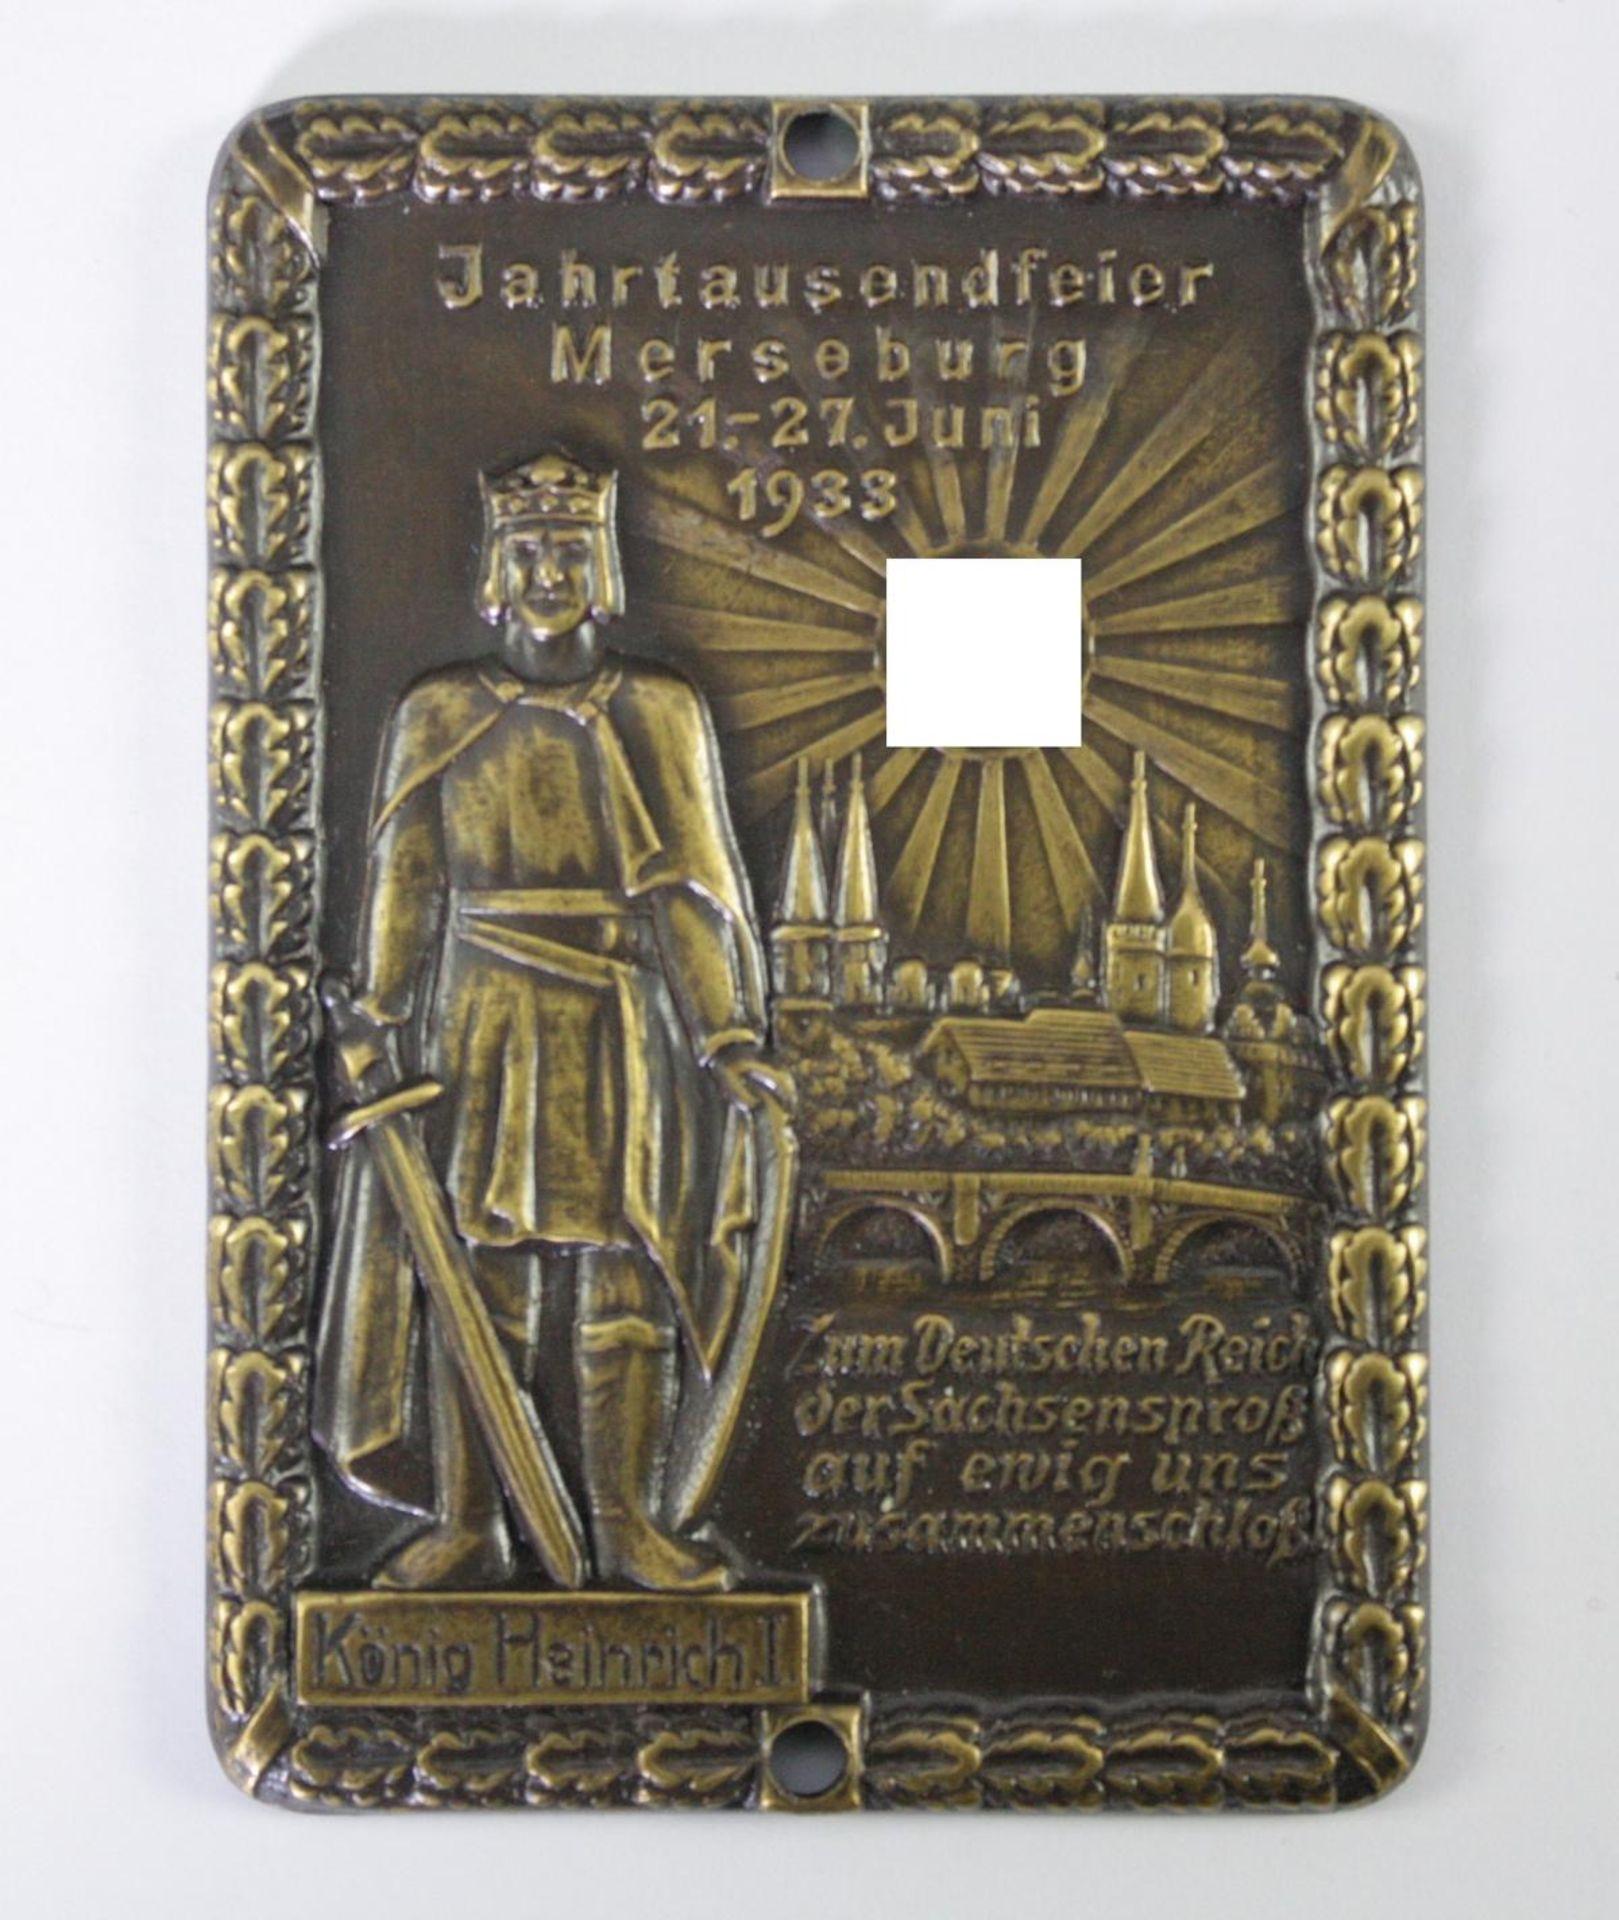 Plakette: Jahrtausendfeier Merseburg 1933